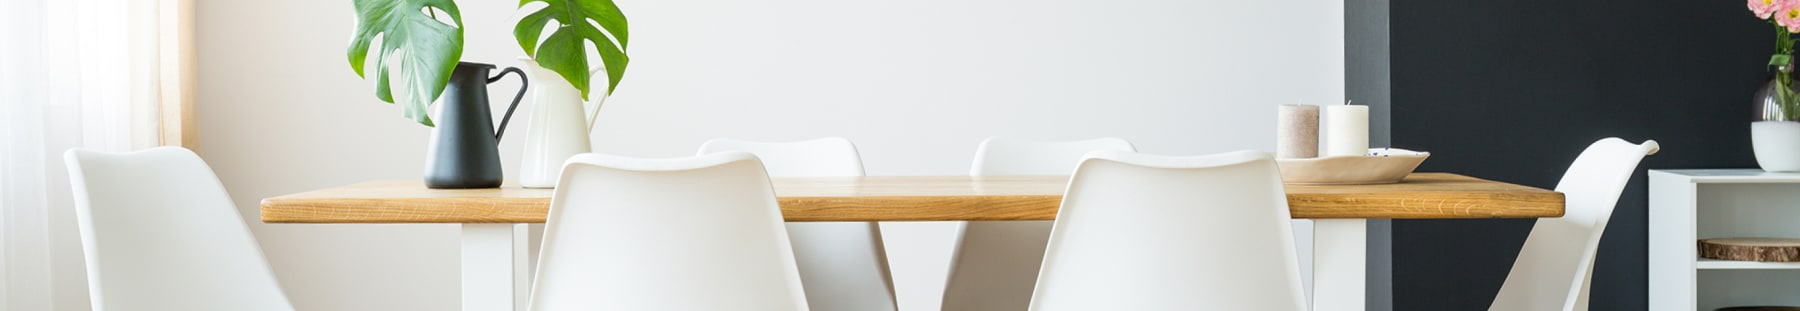 薬院大通駅の椅子付きなレンタルスペース